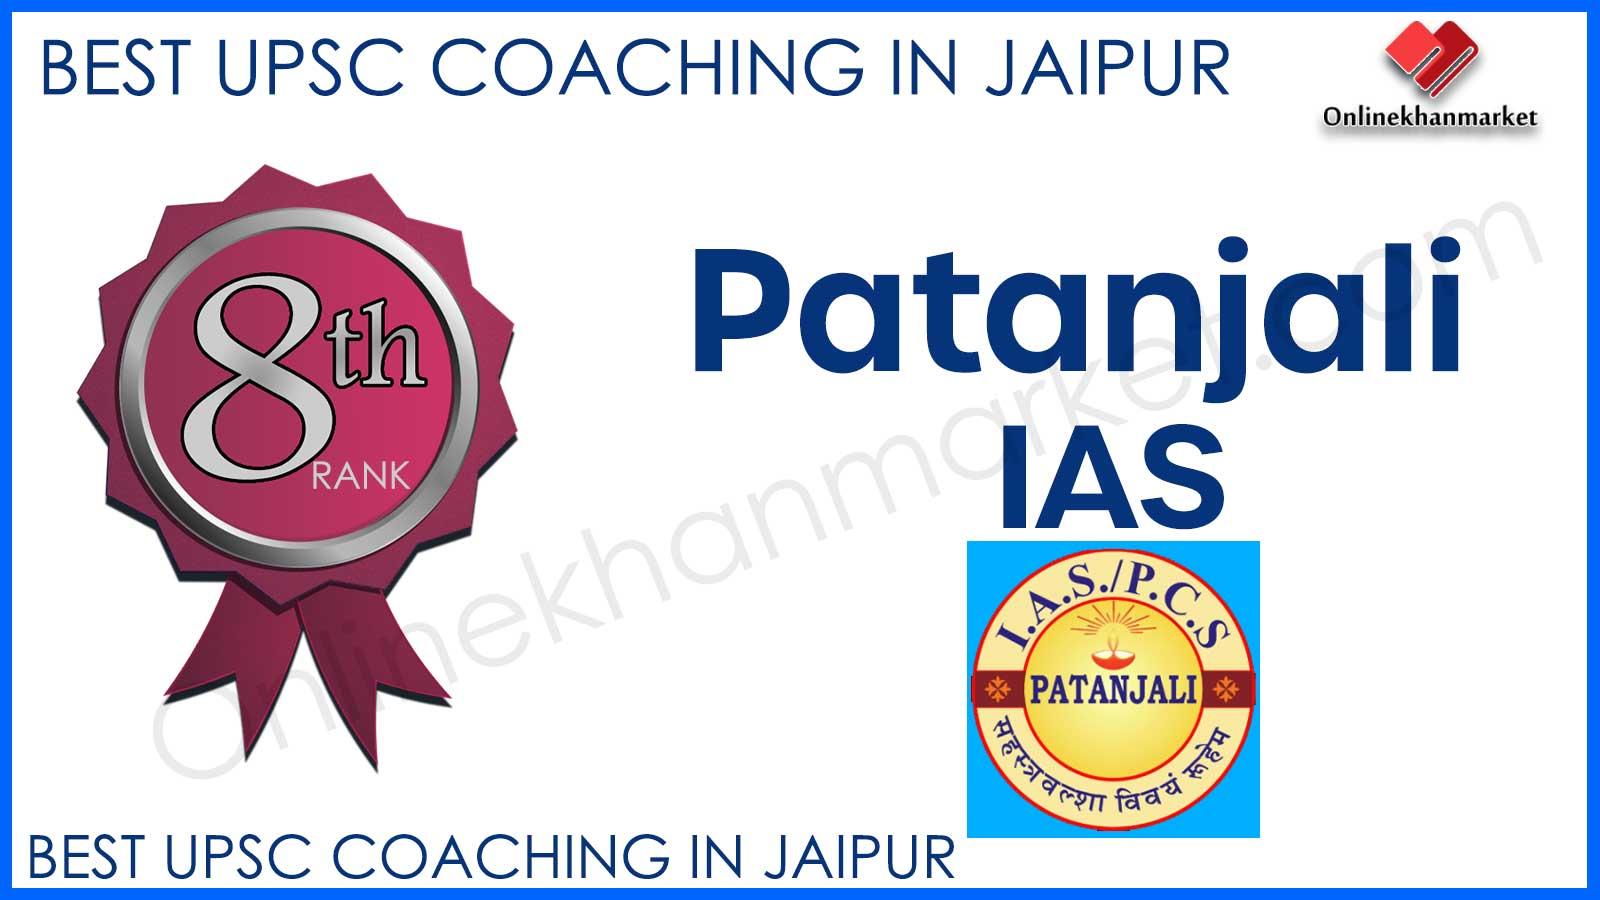 UPSC Coaching Institute in Jaipur